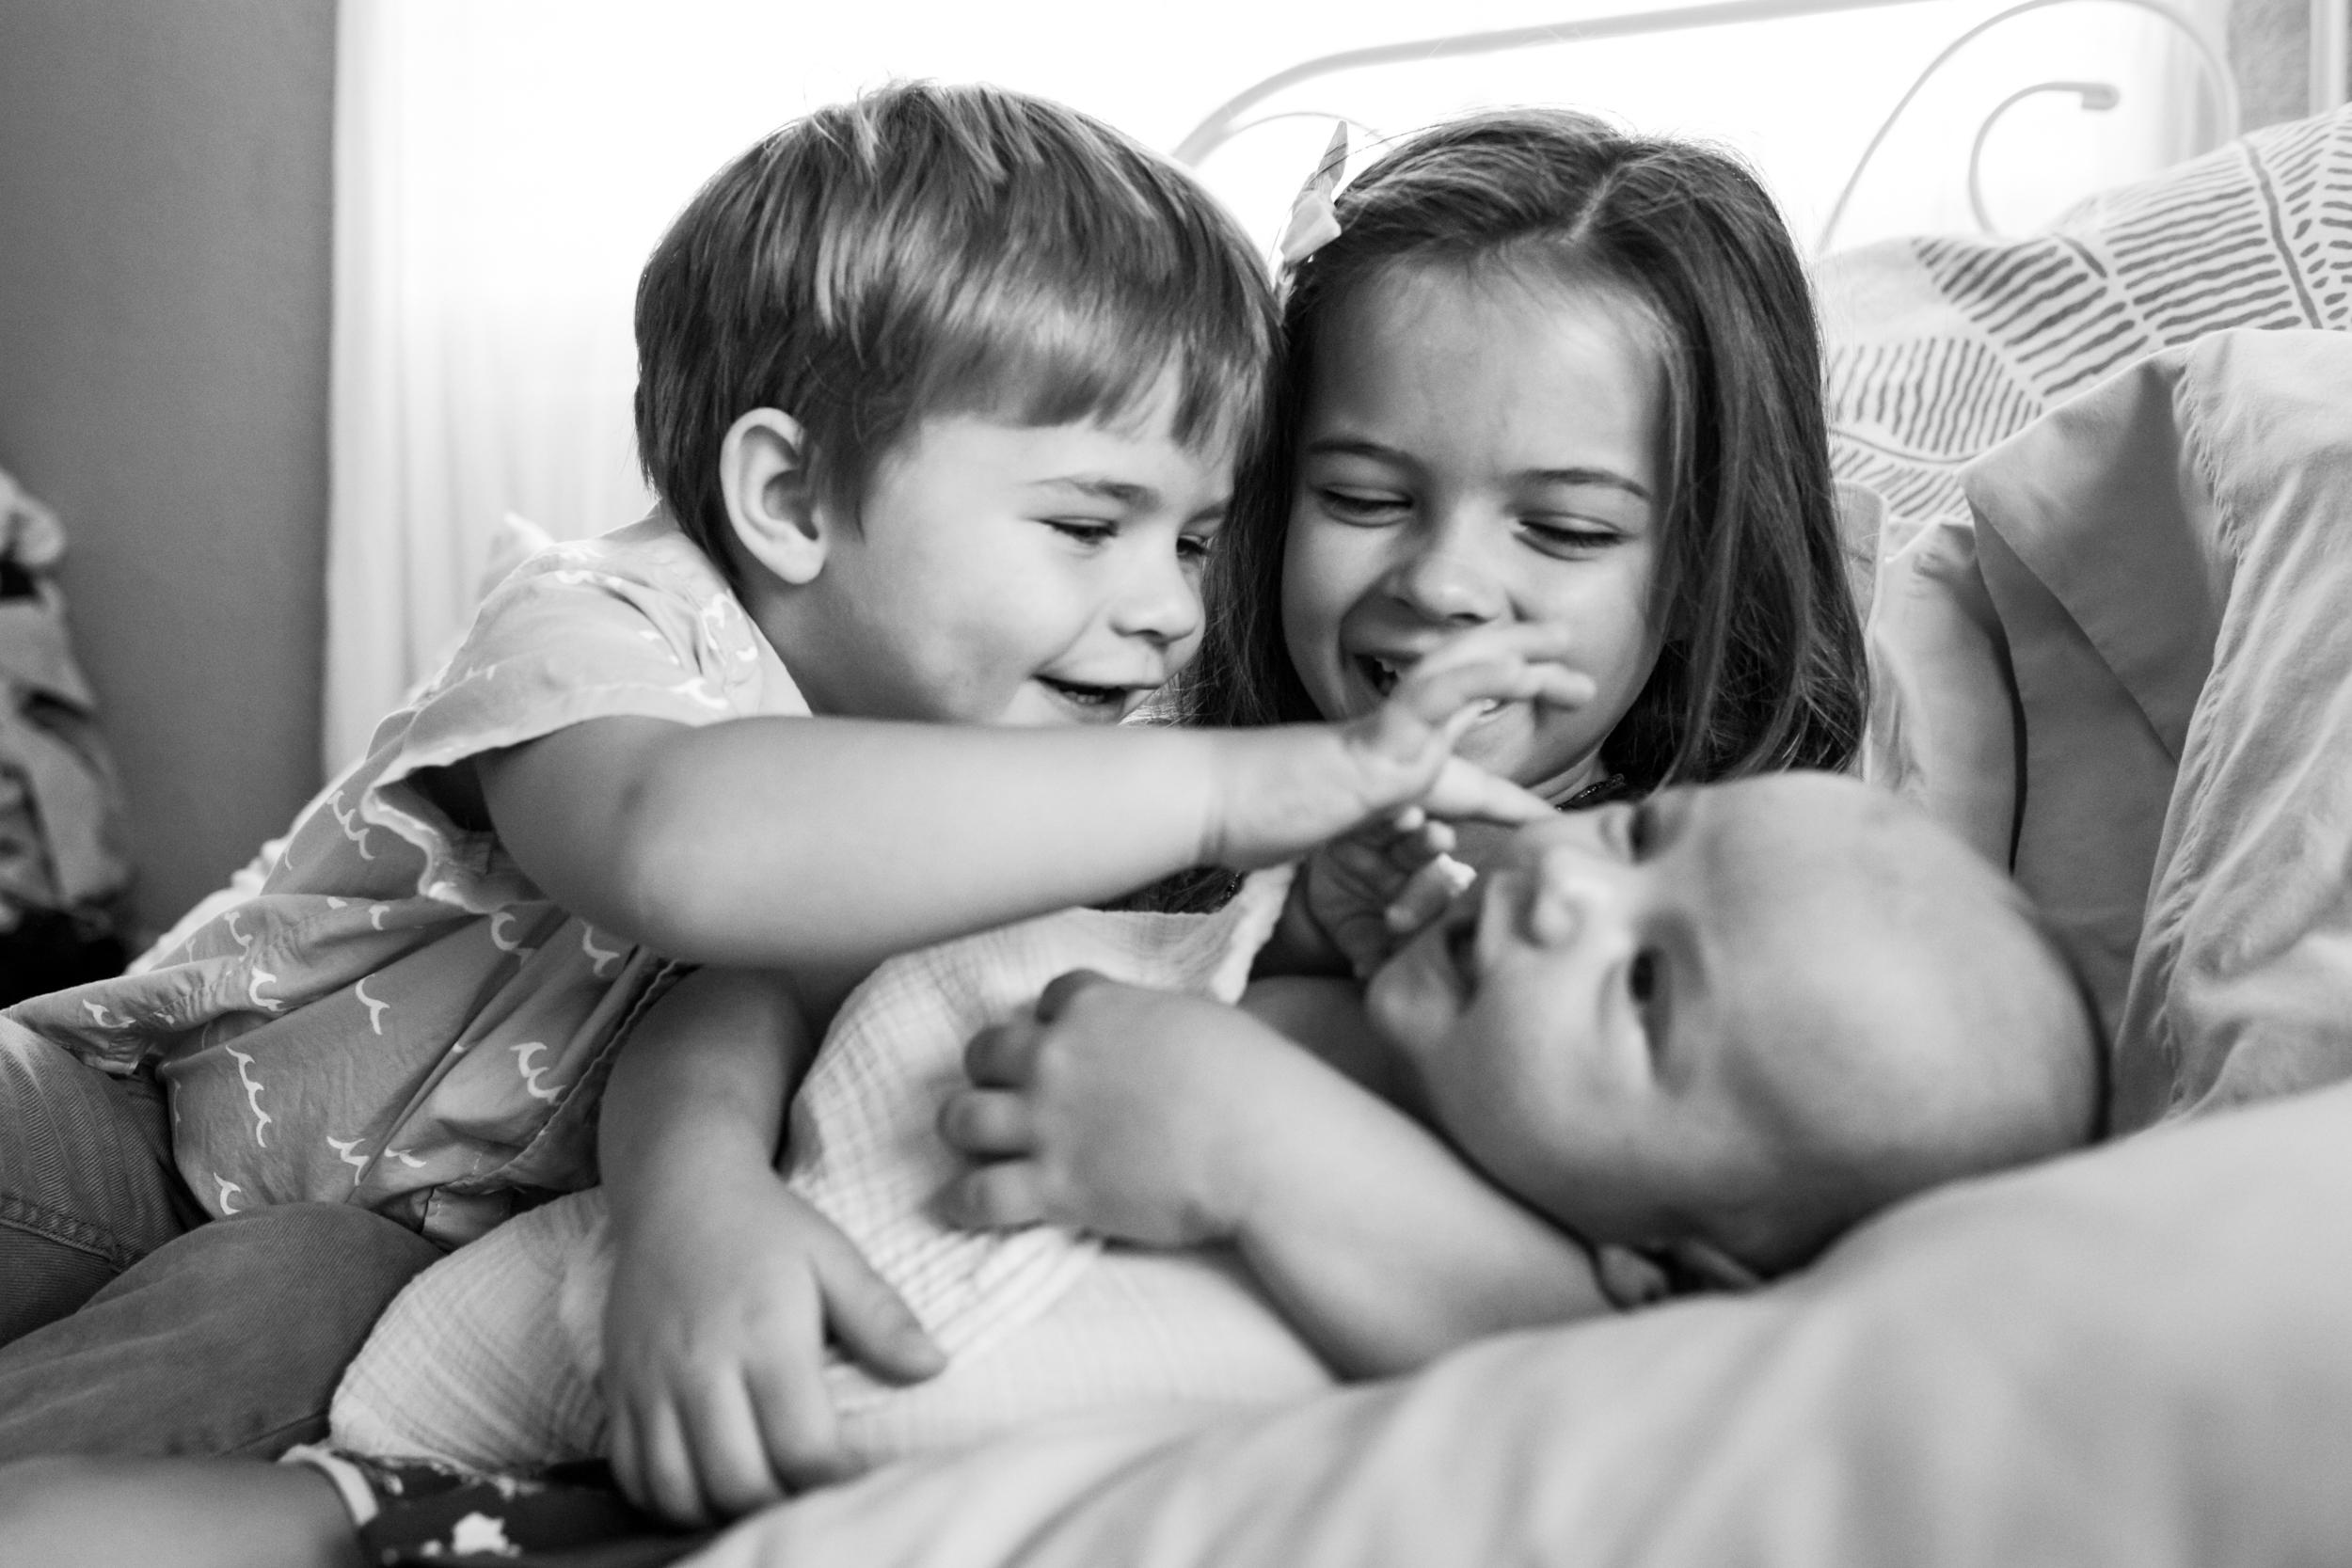 jacksonville-newborn-photographer-7.jpg